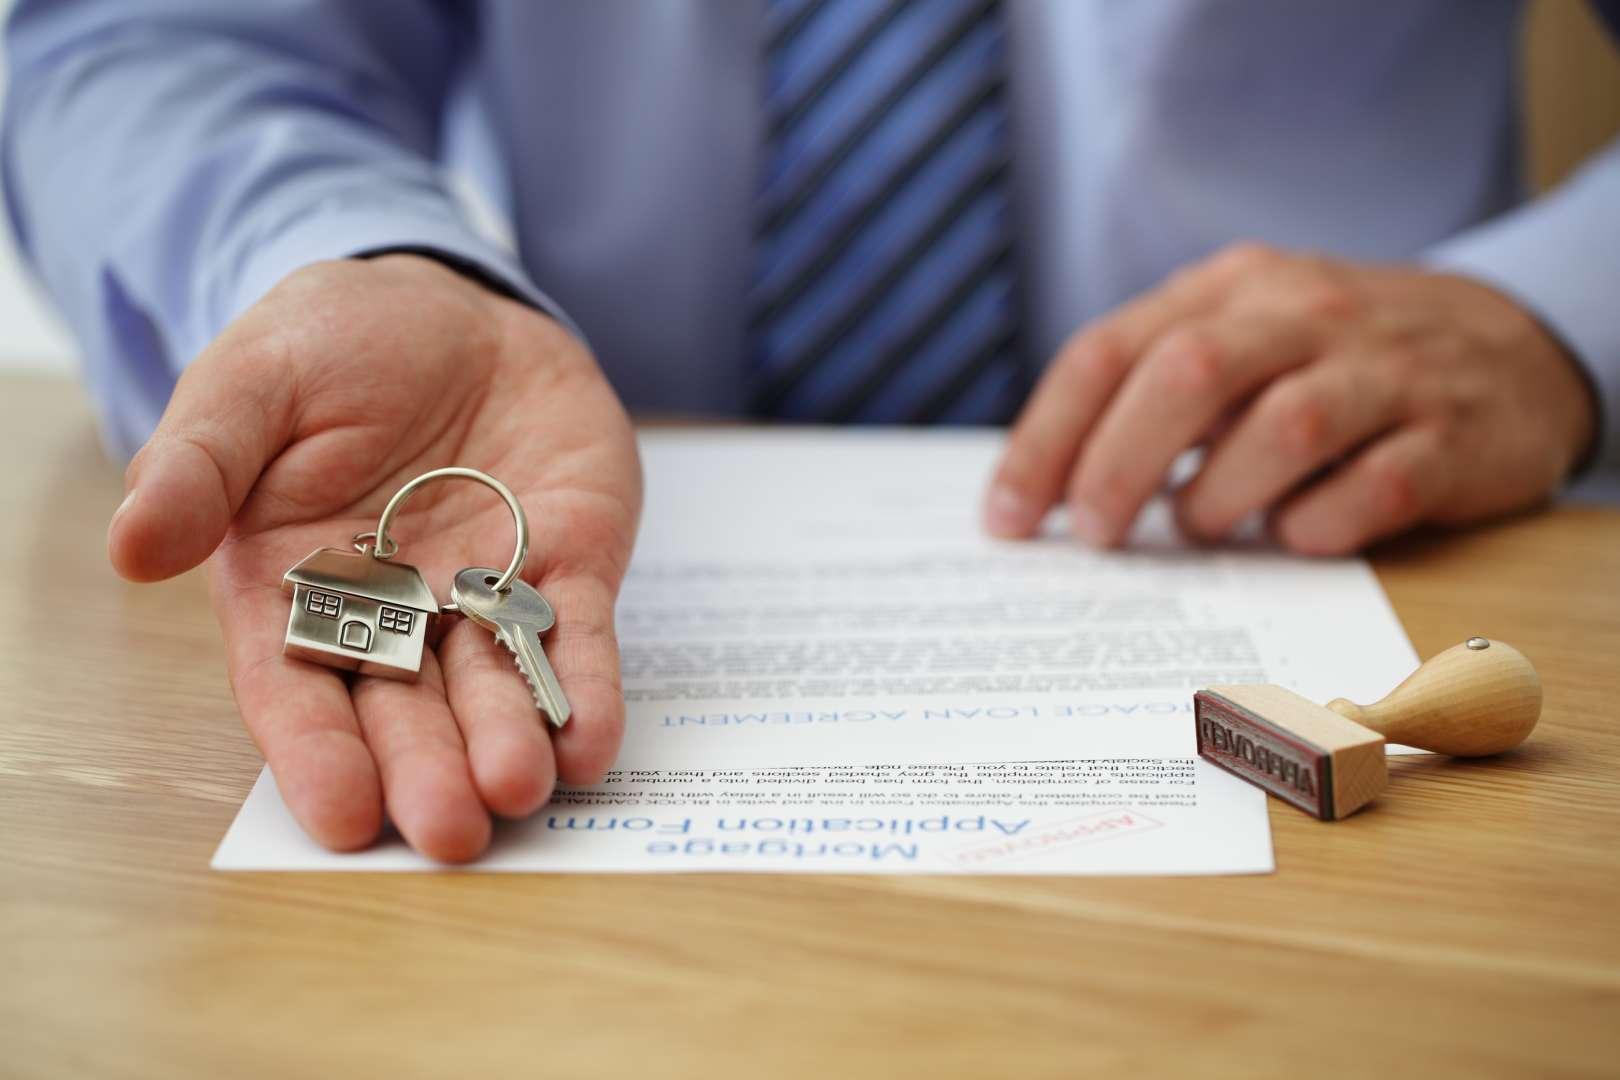 Nakip nepremičnine, vir: coastland mortgage